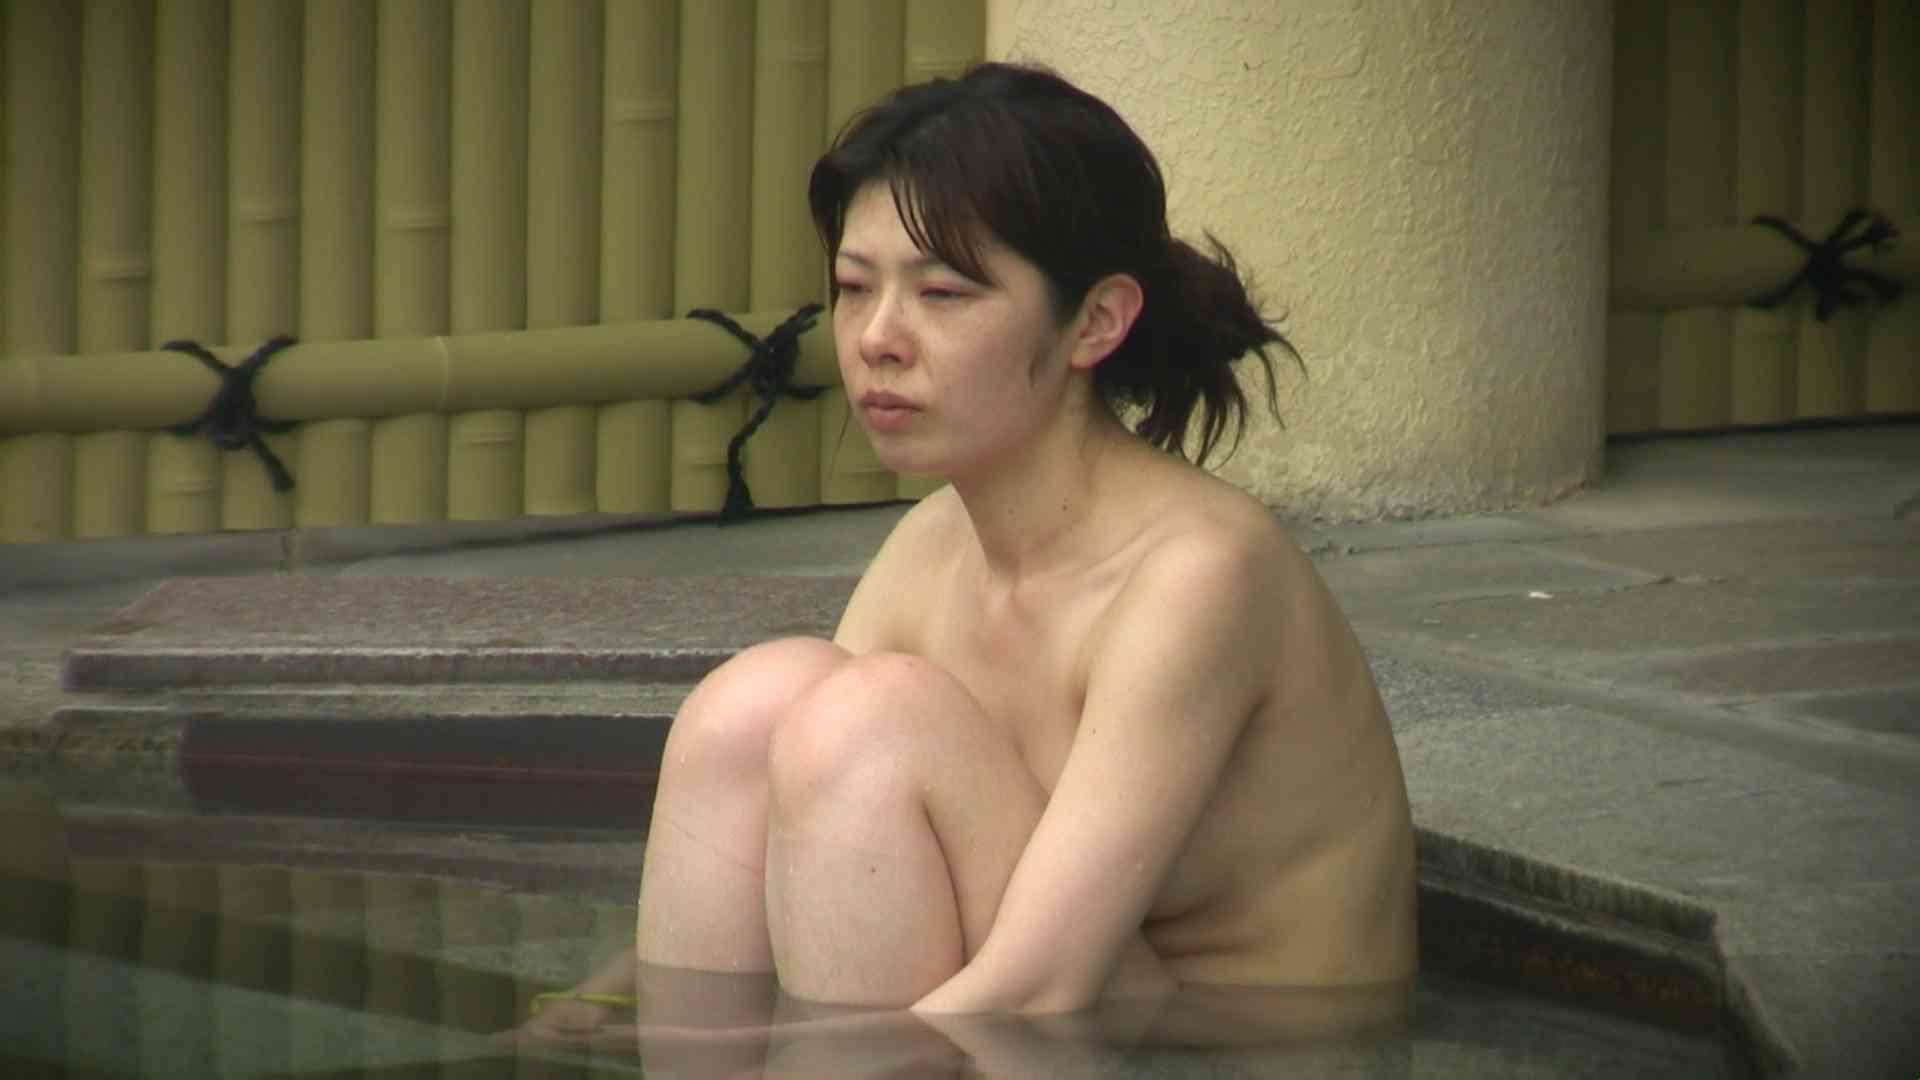 Aquaな露天風呂Vol.676 盗撮シリーズ  83PIX 58